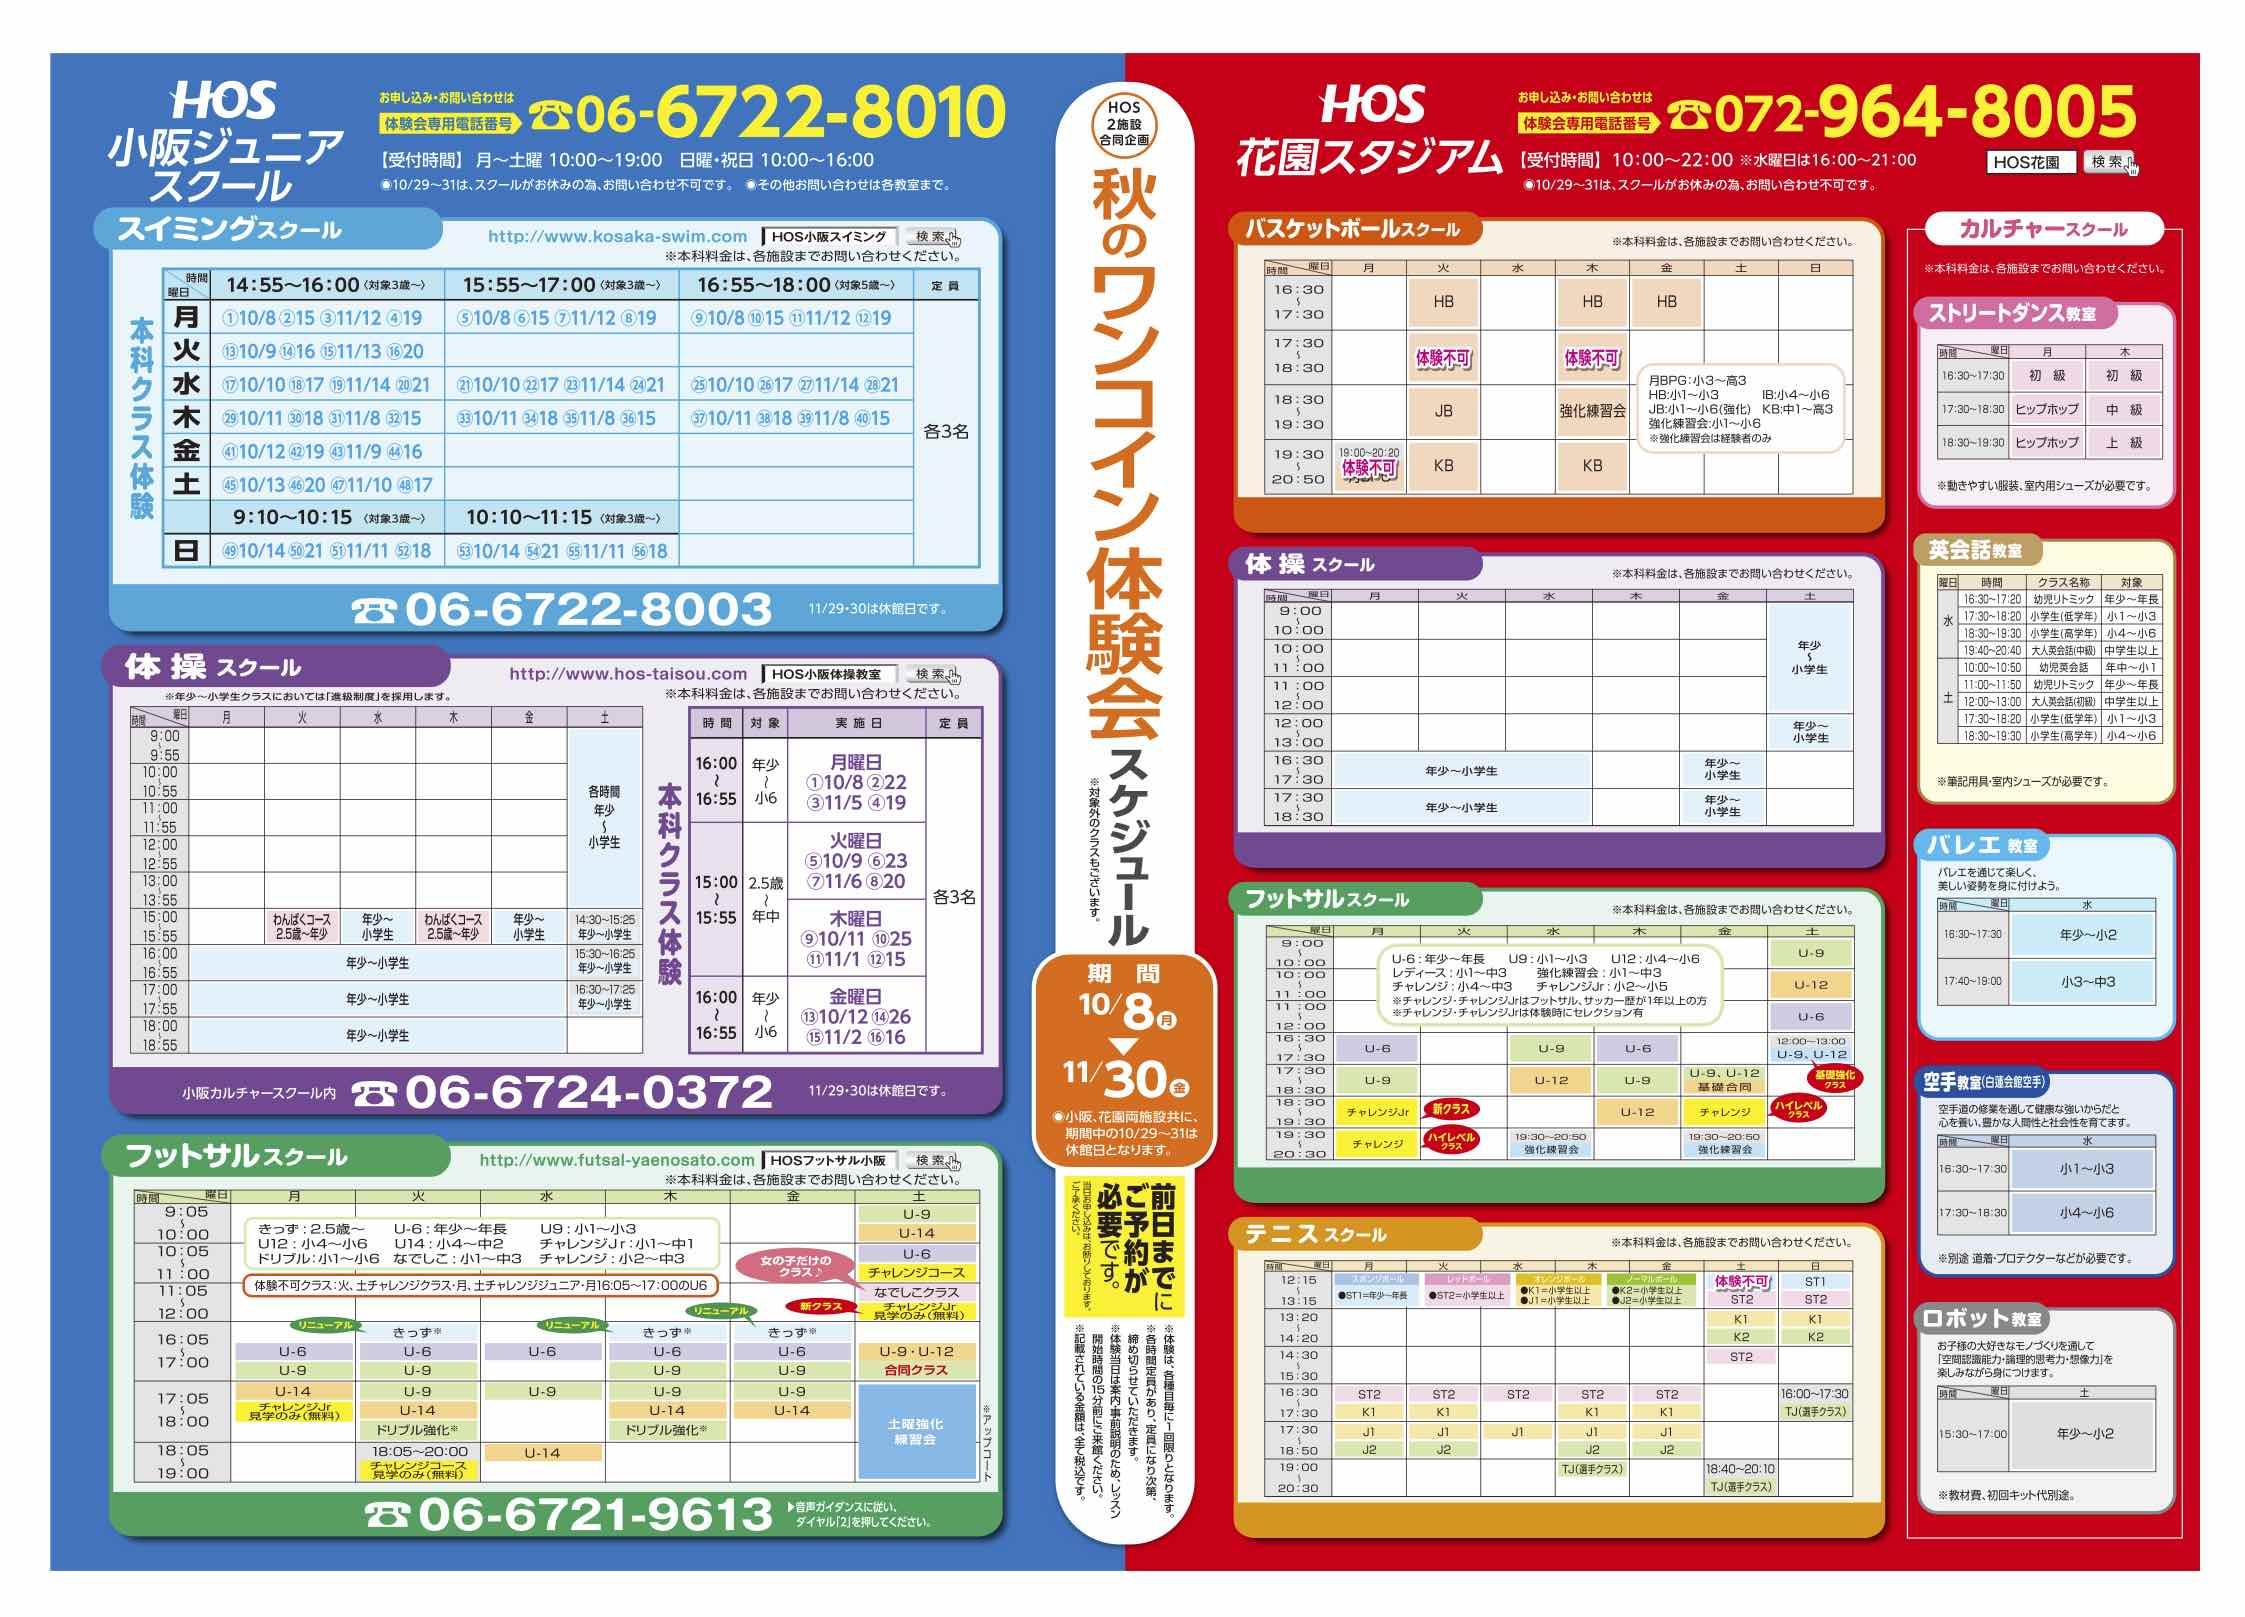 201810-kosaka-hanazono-jr-02